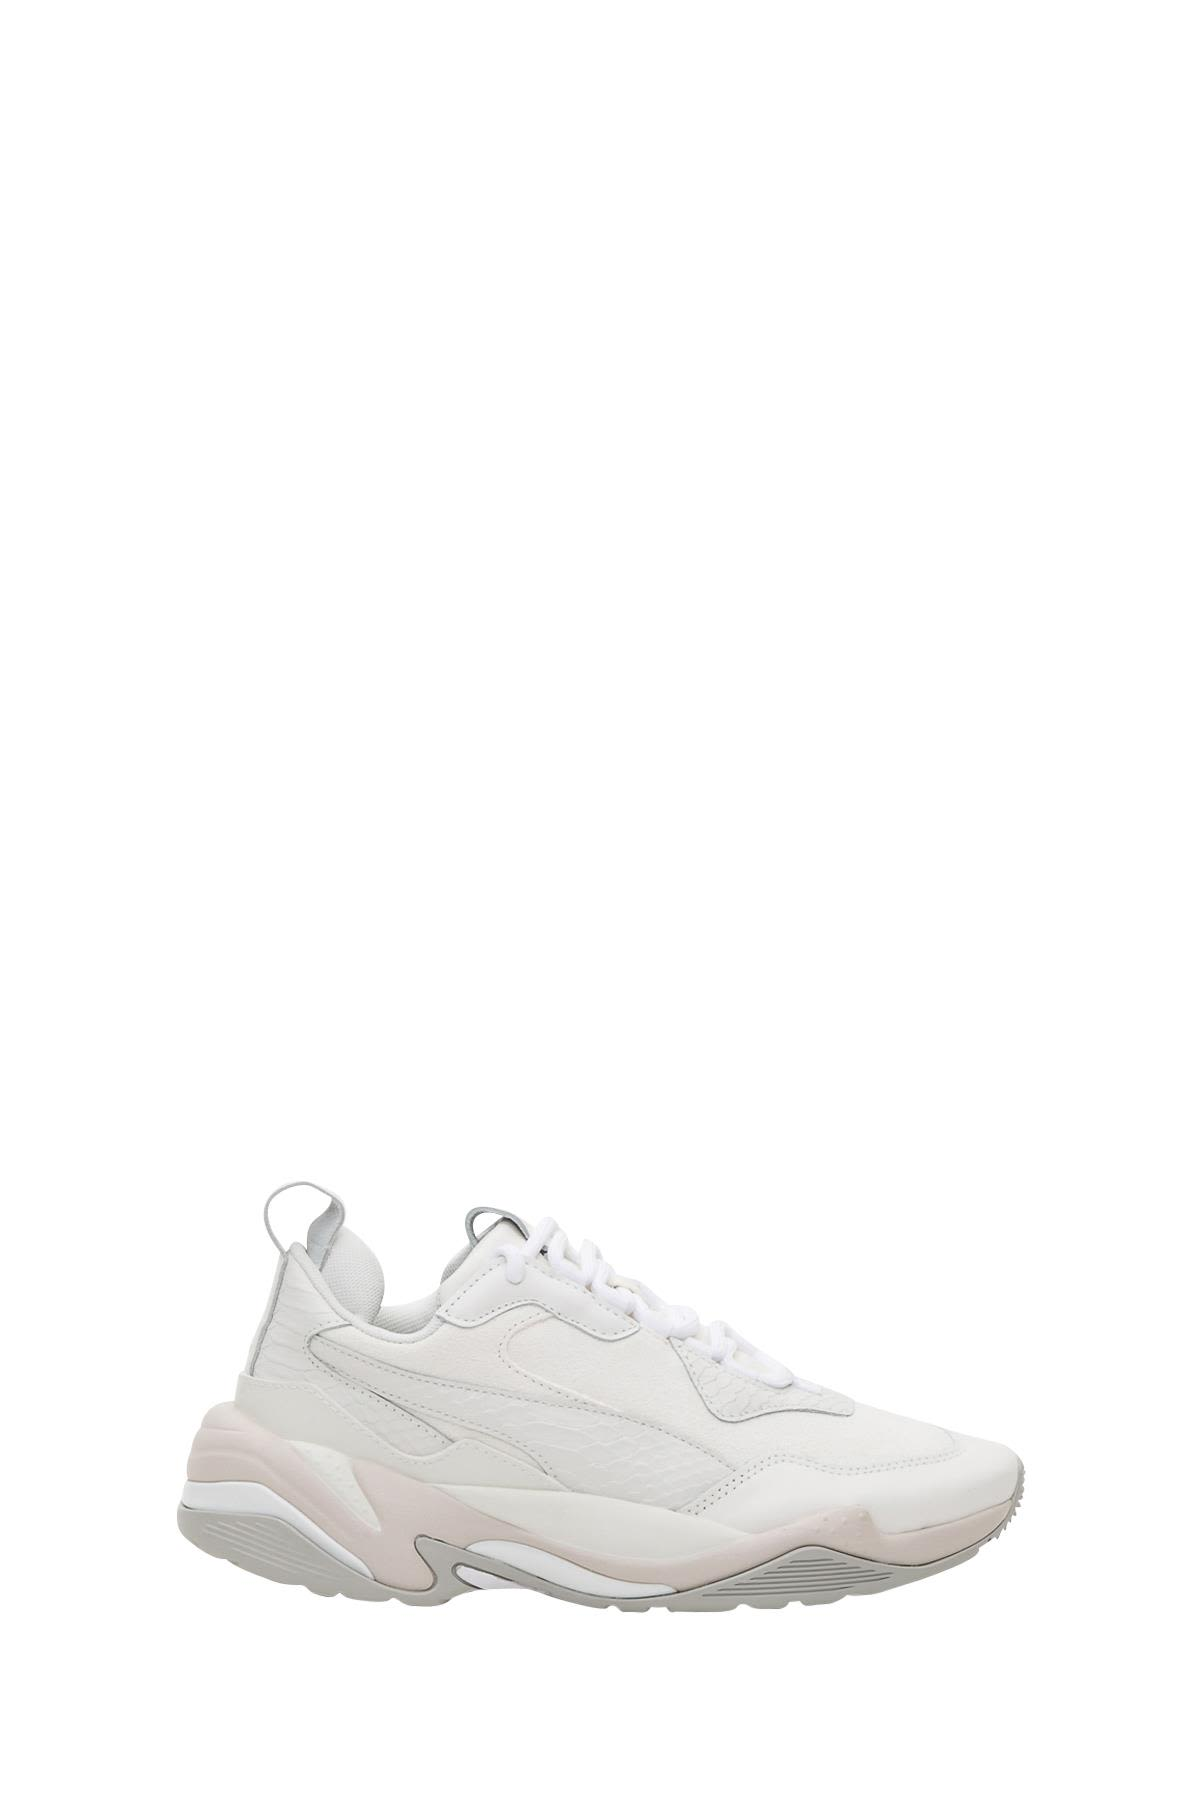 puma -  Thunder Desert Sneaker